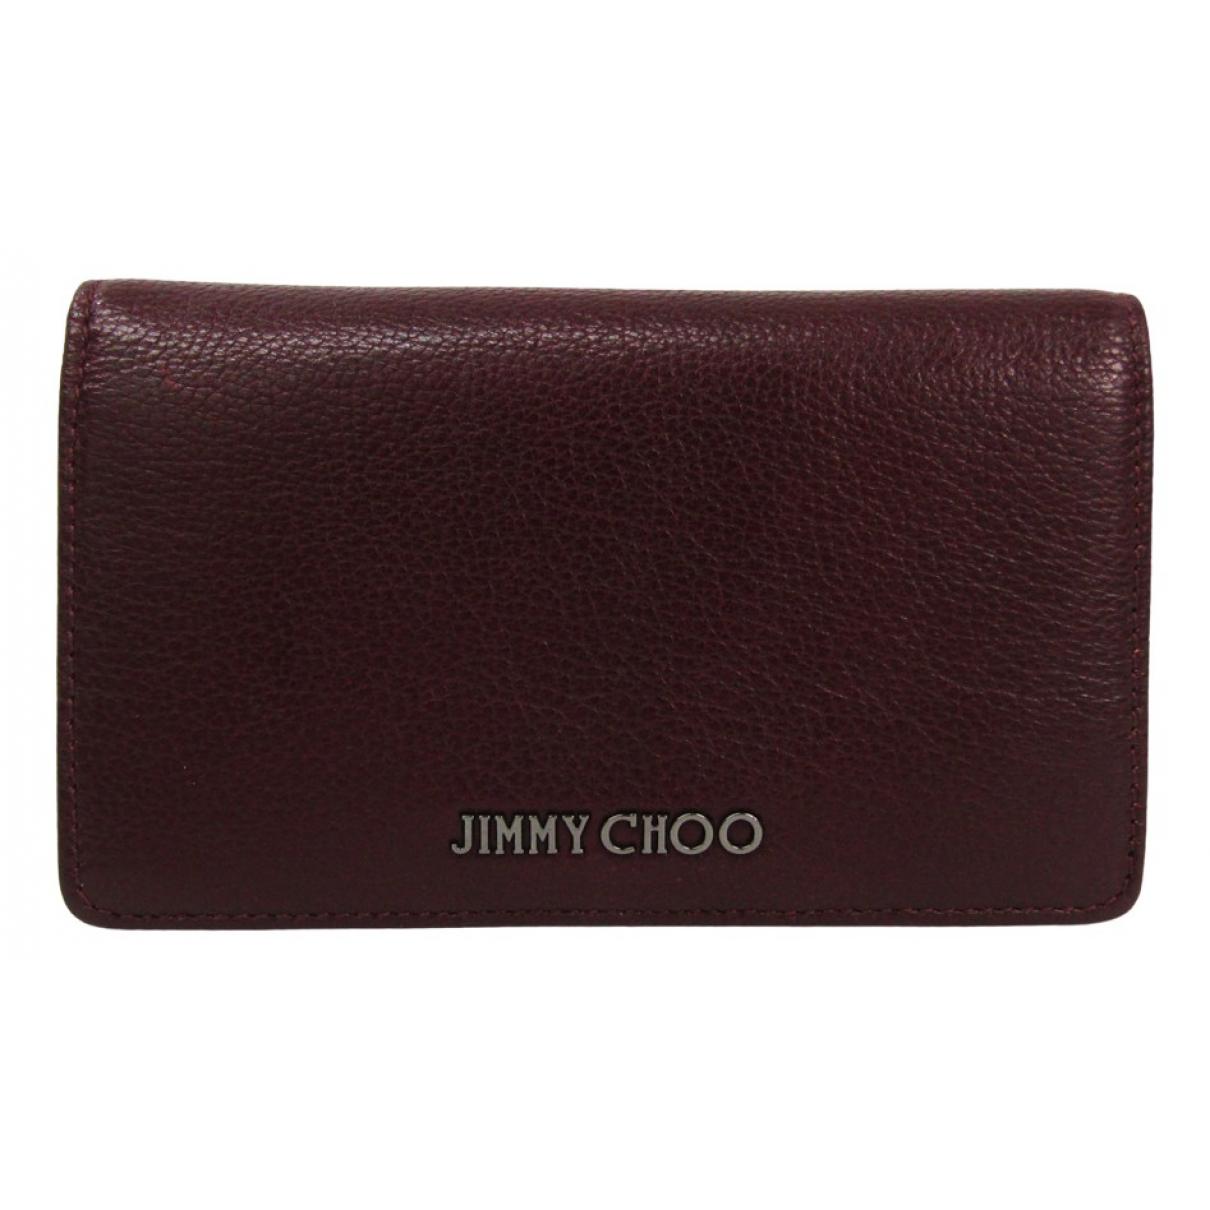 Jimmy Choo - Portefeuille   pour femme en cuir - bordeaux